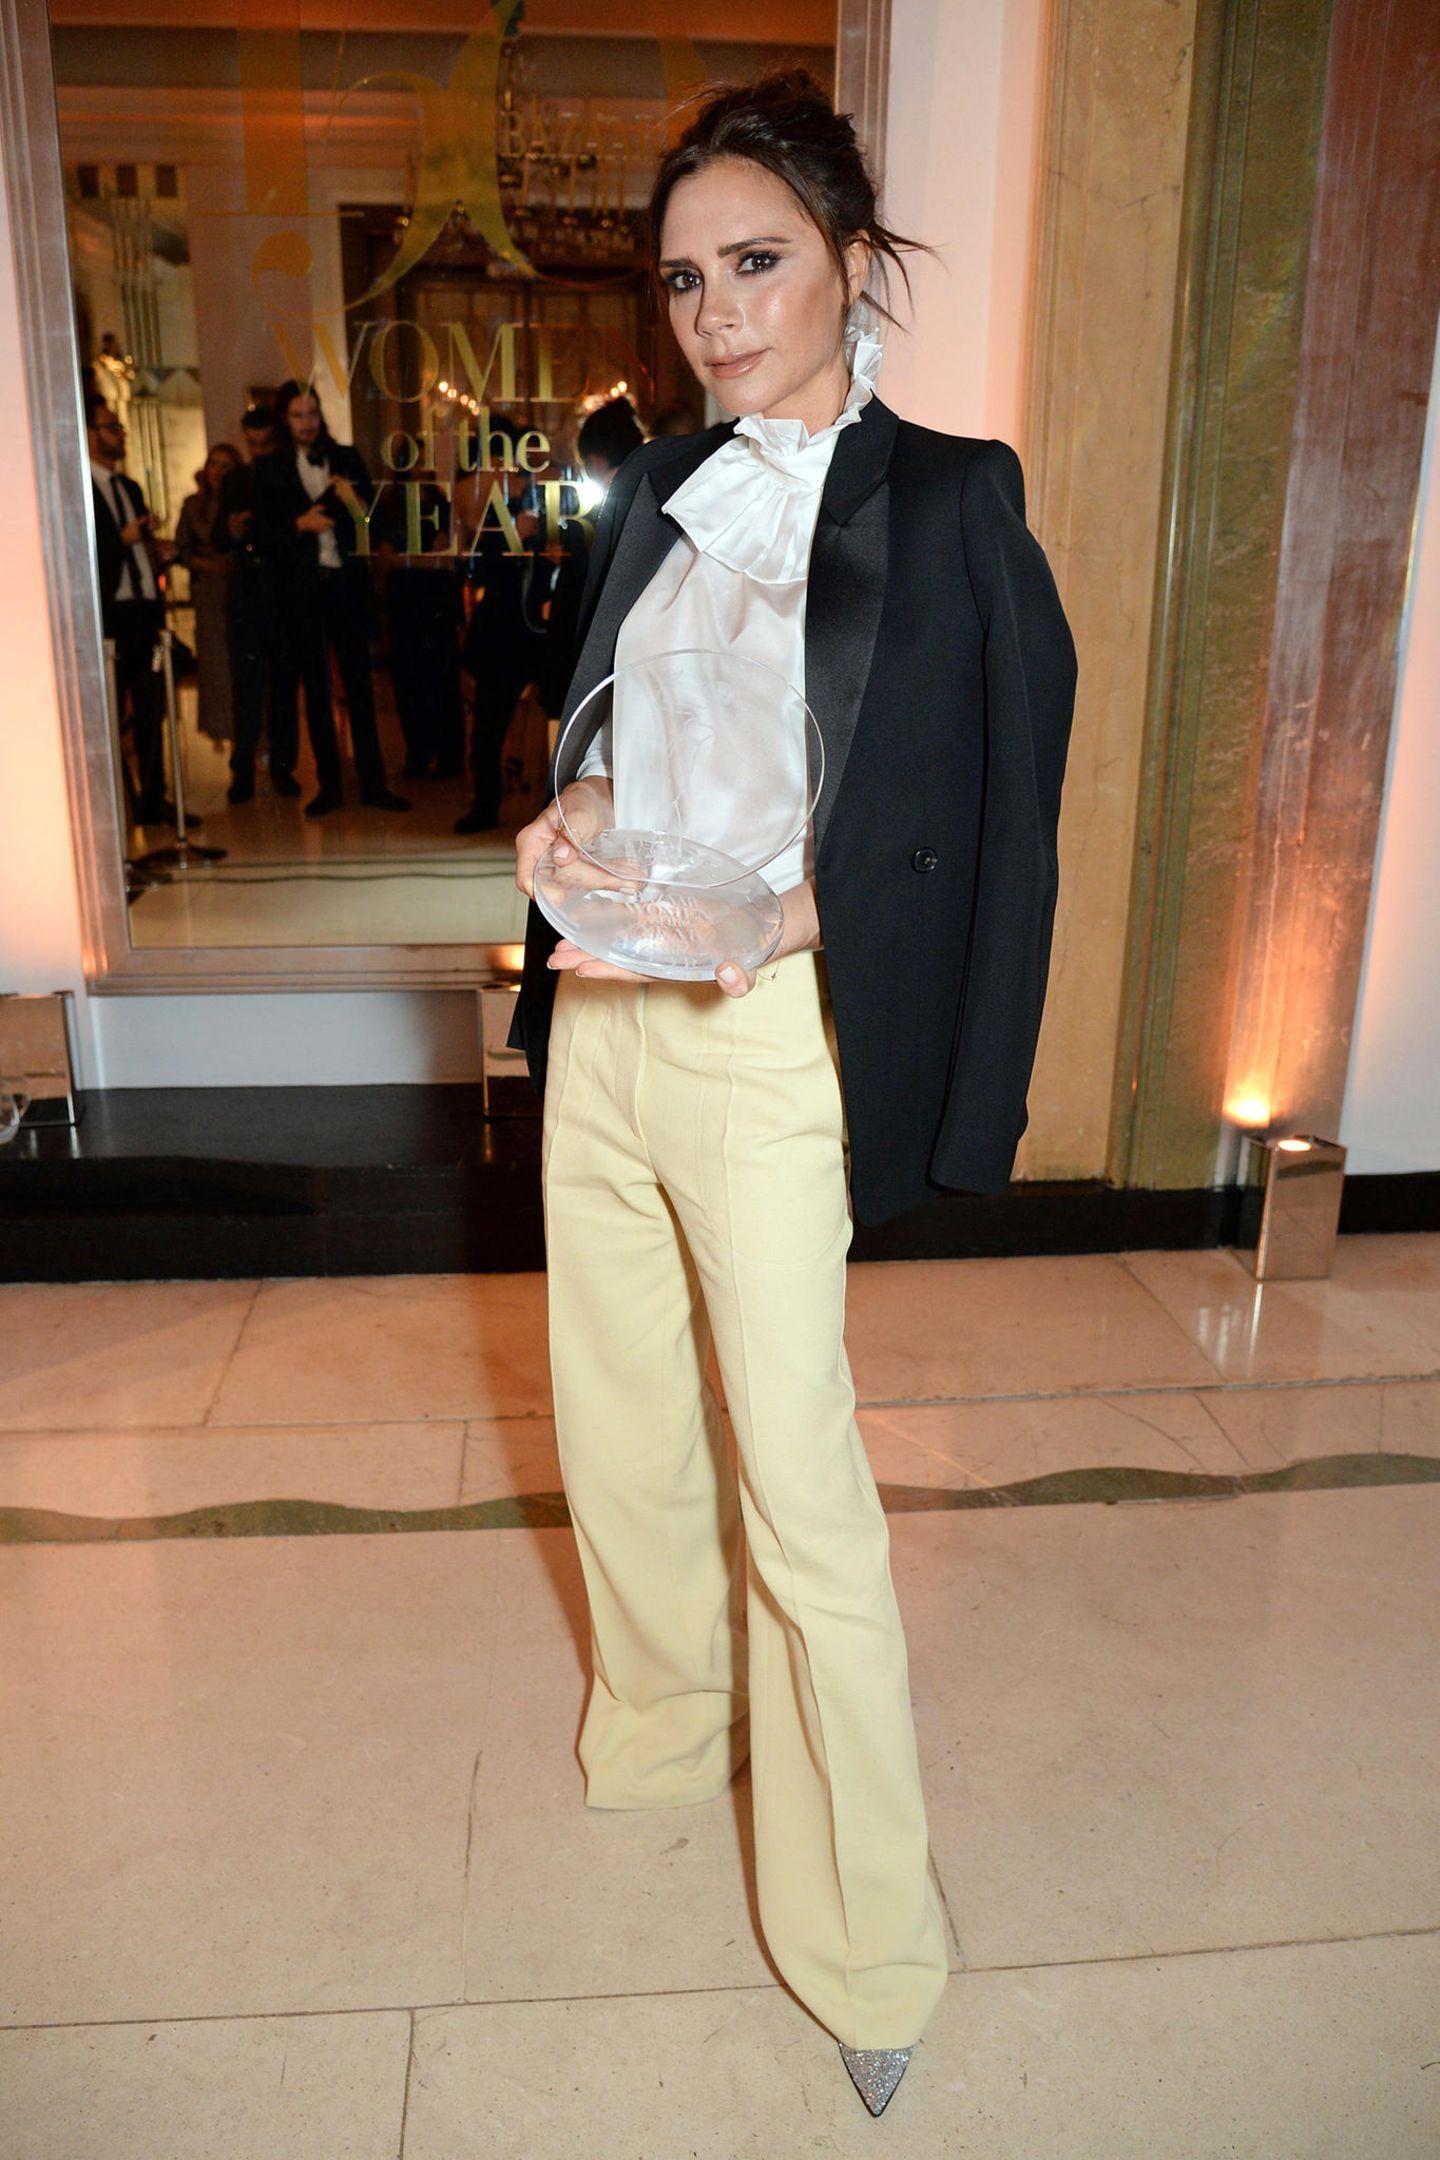 """Bei den """"Woman of the year""""-Awards wurde Victoria Beckham mit dem """"British Brand of the Year""""-Award ausgezeichnet. Sie trägt eine zartgelbe Marlene-Hose, eine weiße, glänzende Bluse und einen schwarzen Blazer. Ein Look, in dem die zierliche Designerin fast unterzugehen scheint."""